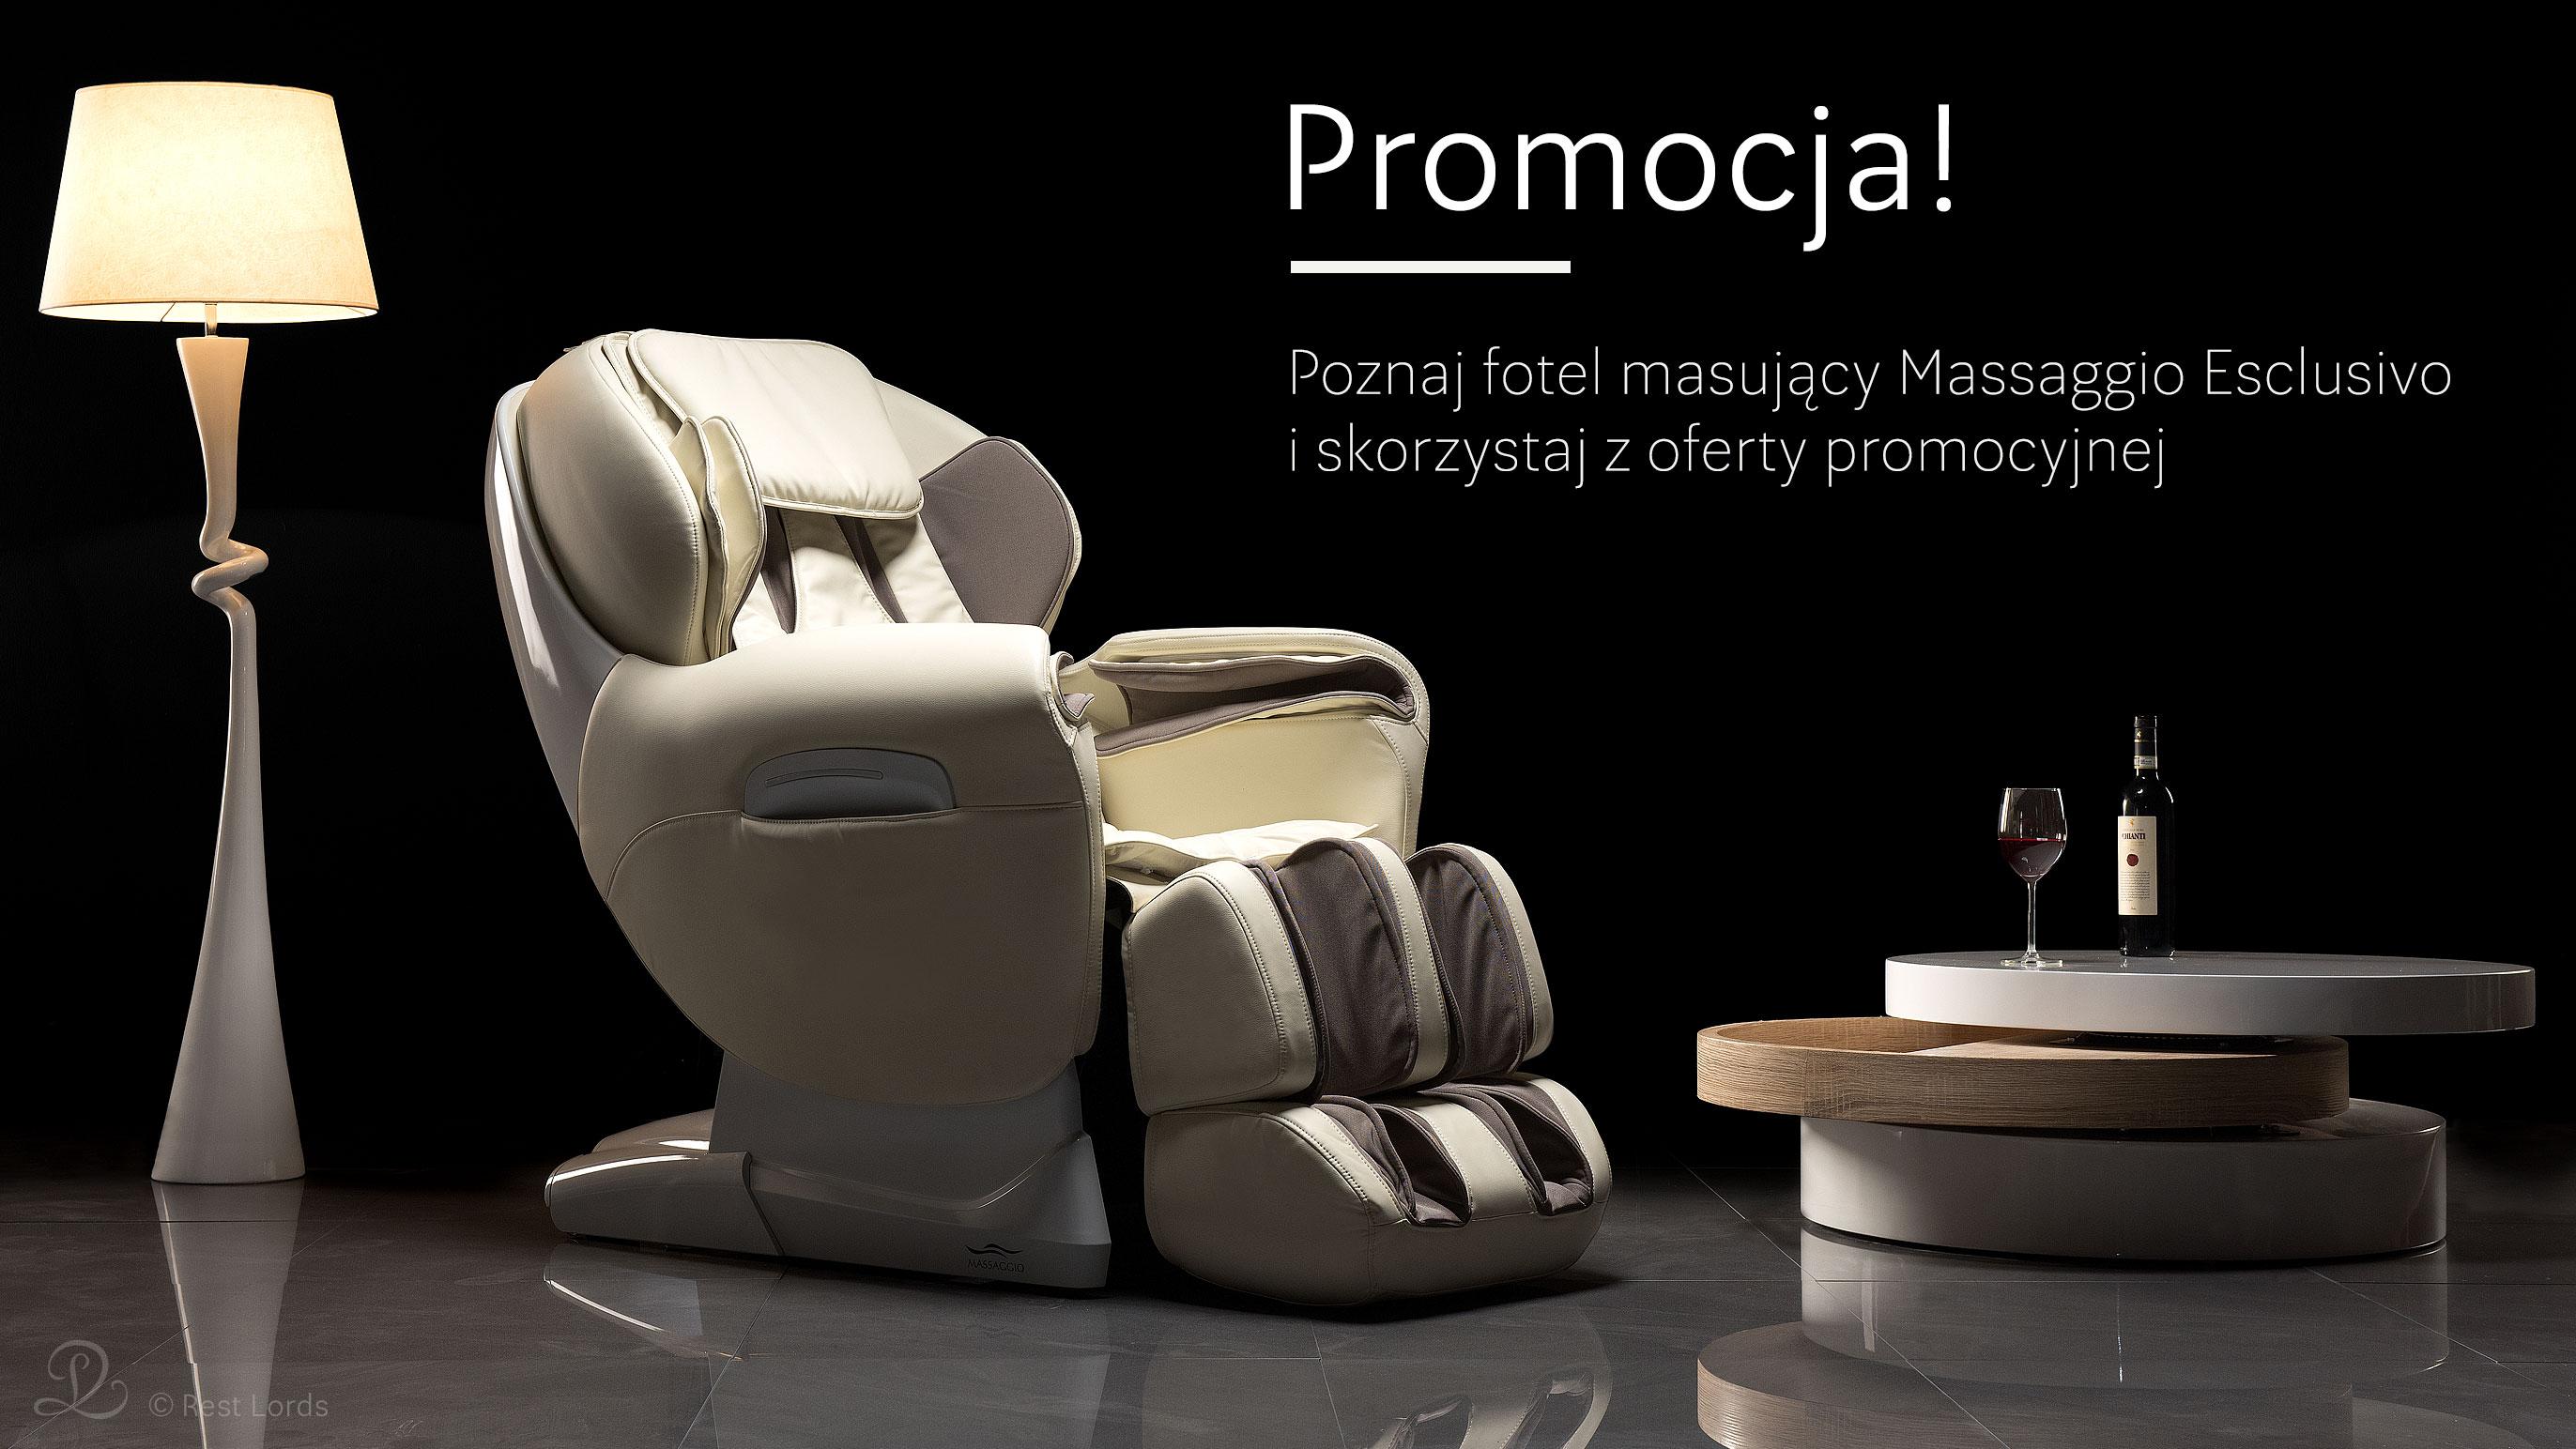 Oferta promocyjna Fotel masujący Massaggio Esclusivo promocja wyprzedaż